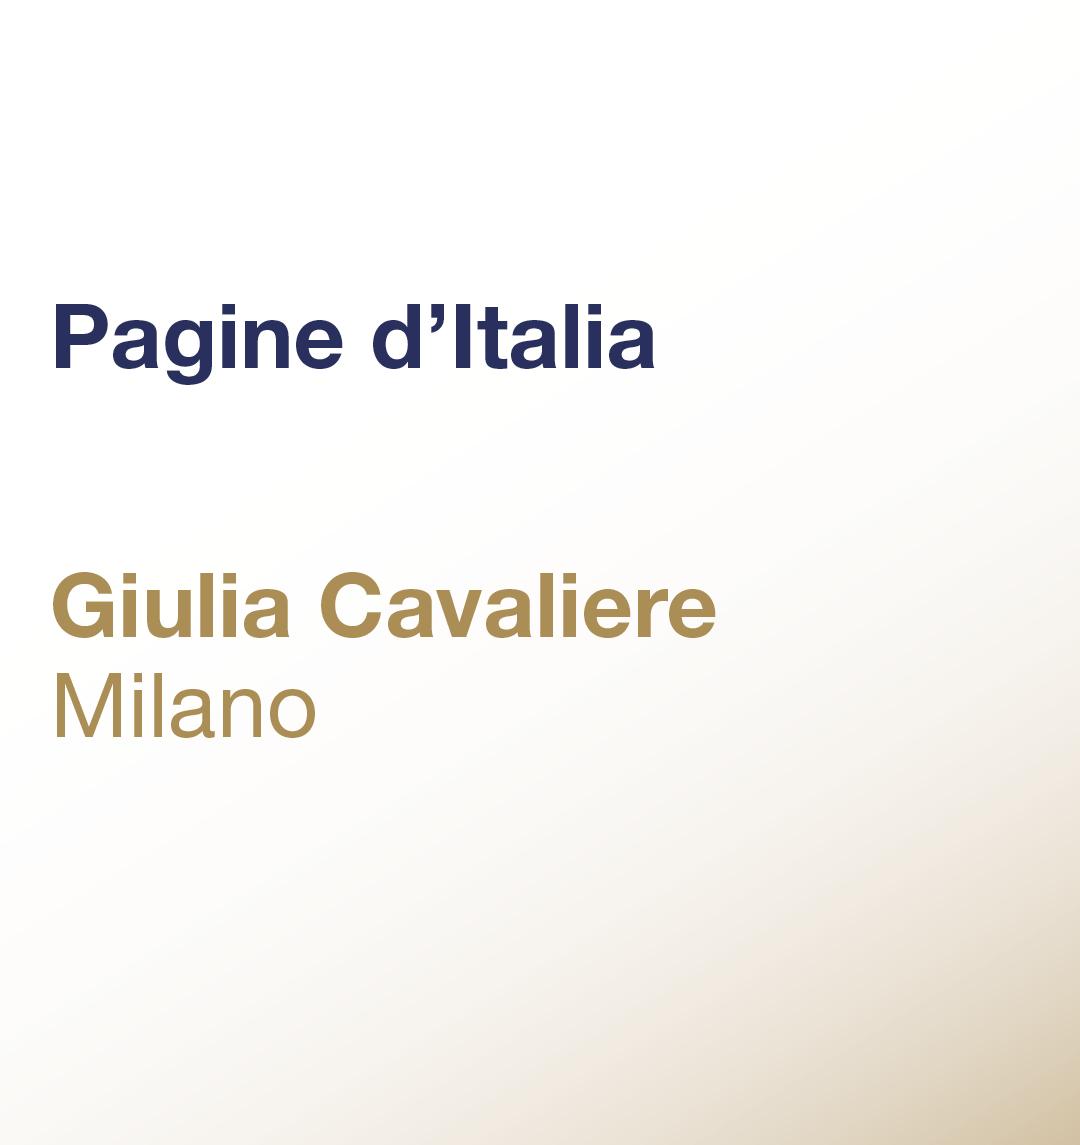 Pagine d'Italia – Giulia Cavaliere – Milano